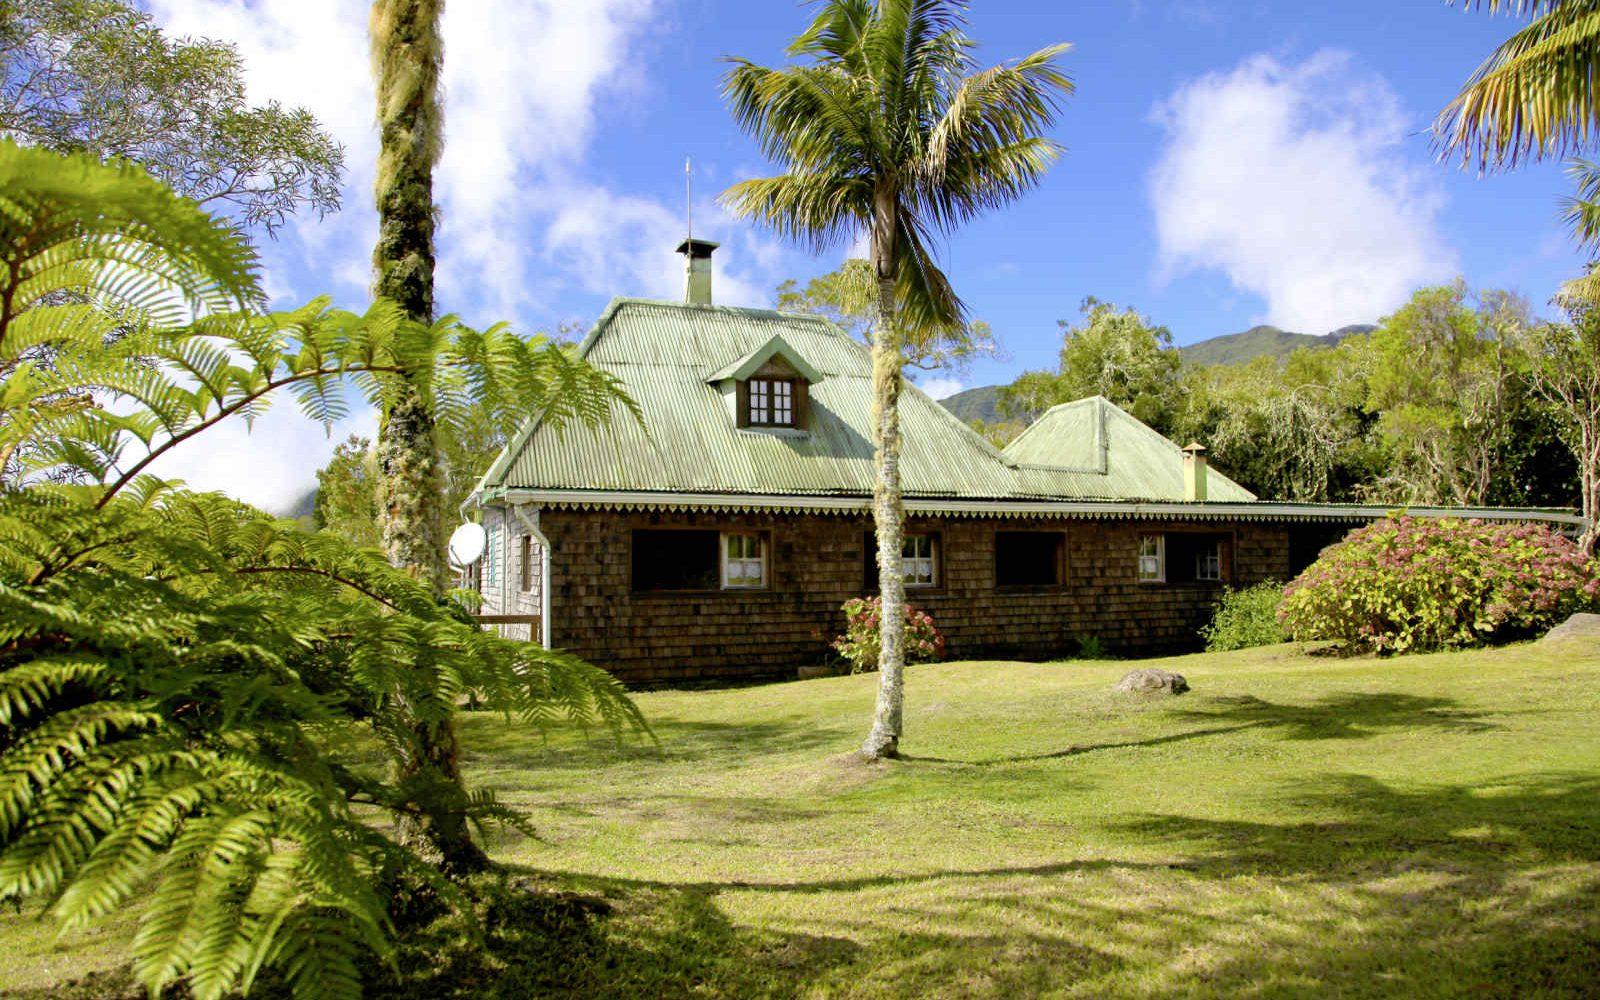 Maison créole, Île de la Réunion